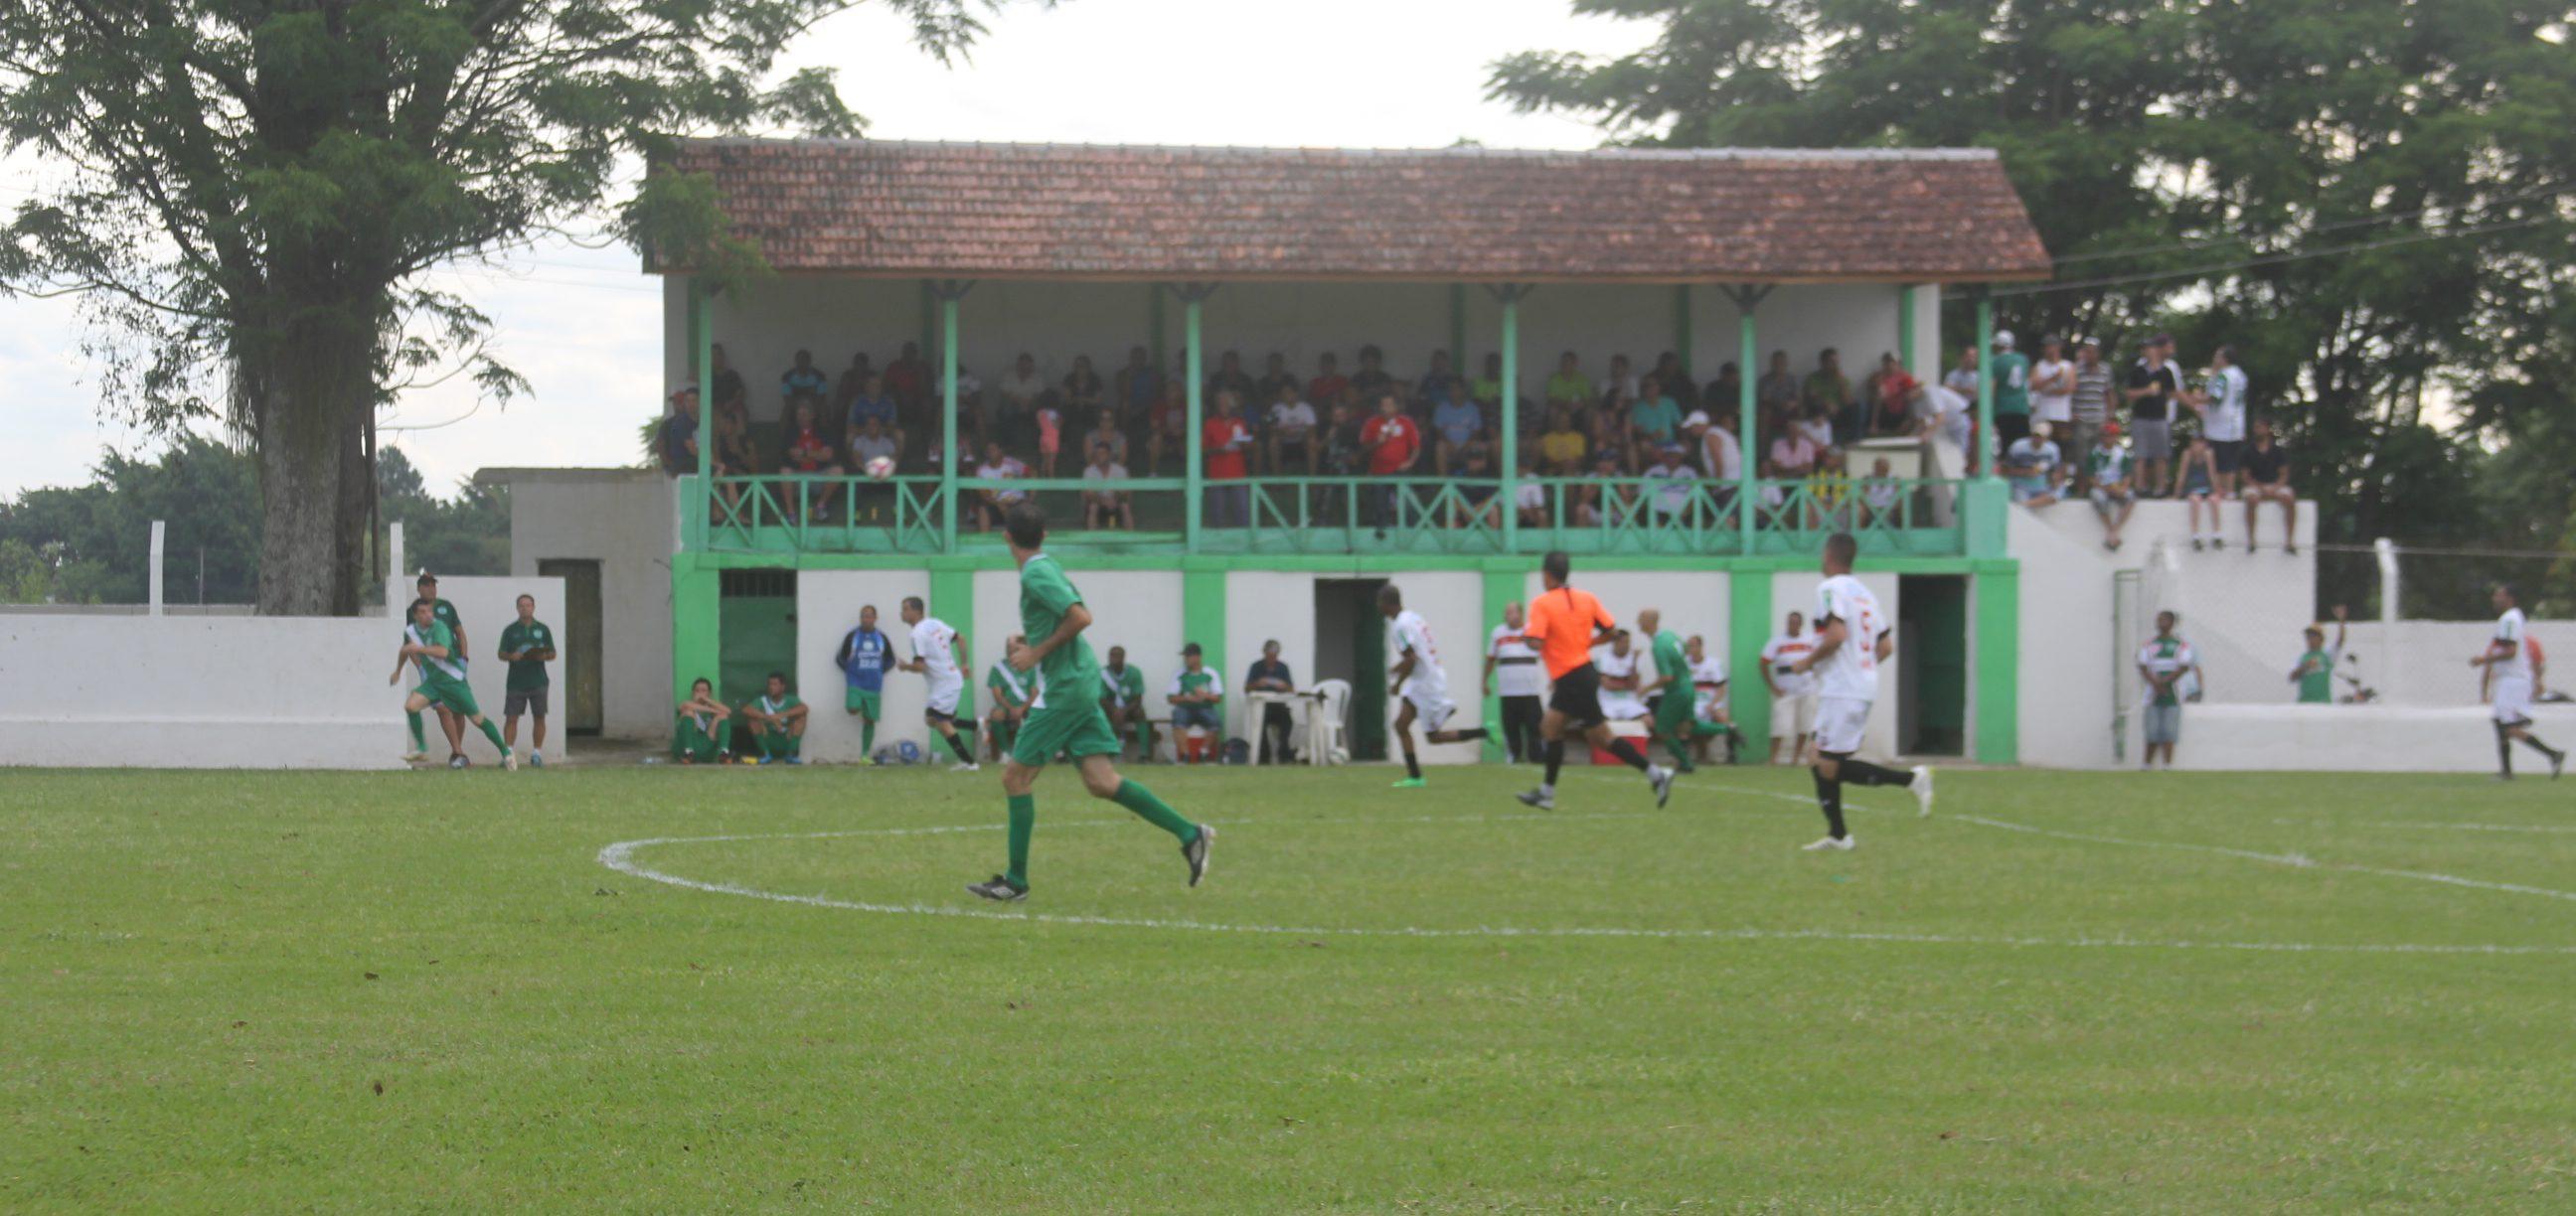 45d3128725 Campo do E.C. Quiririm recebe escolinha de futebol